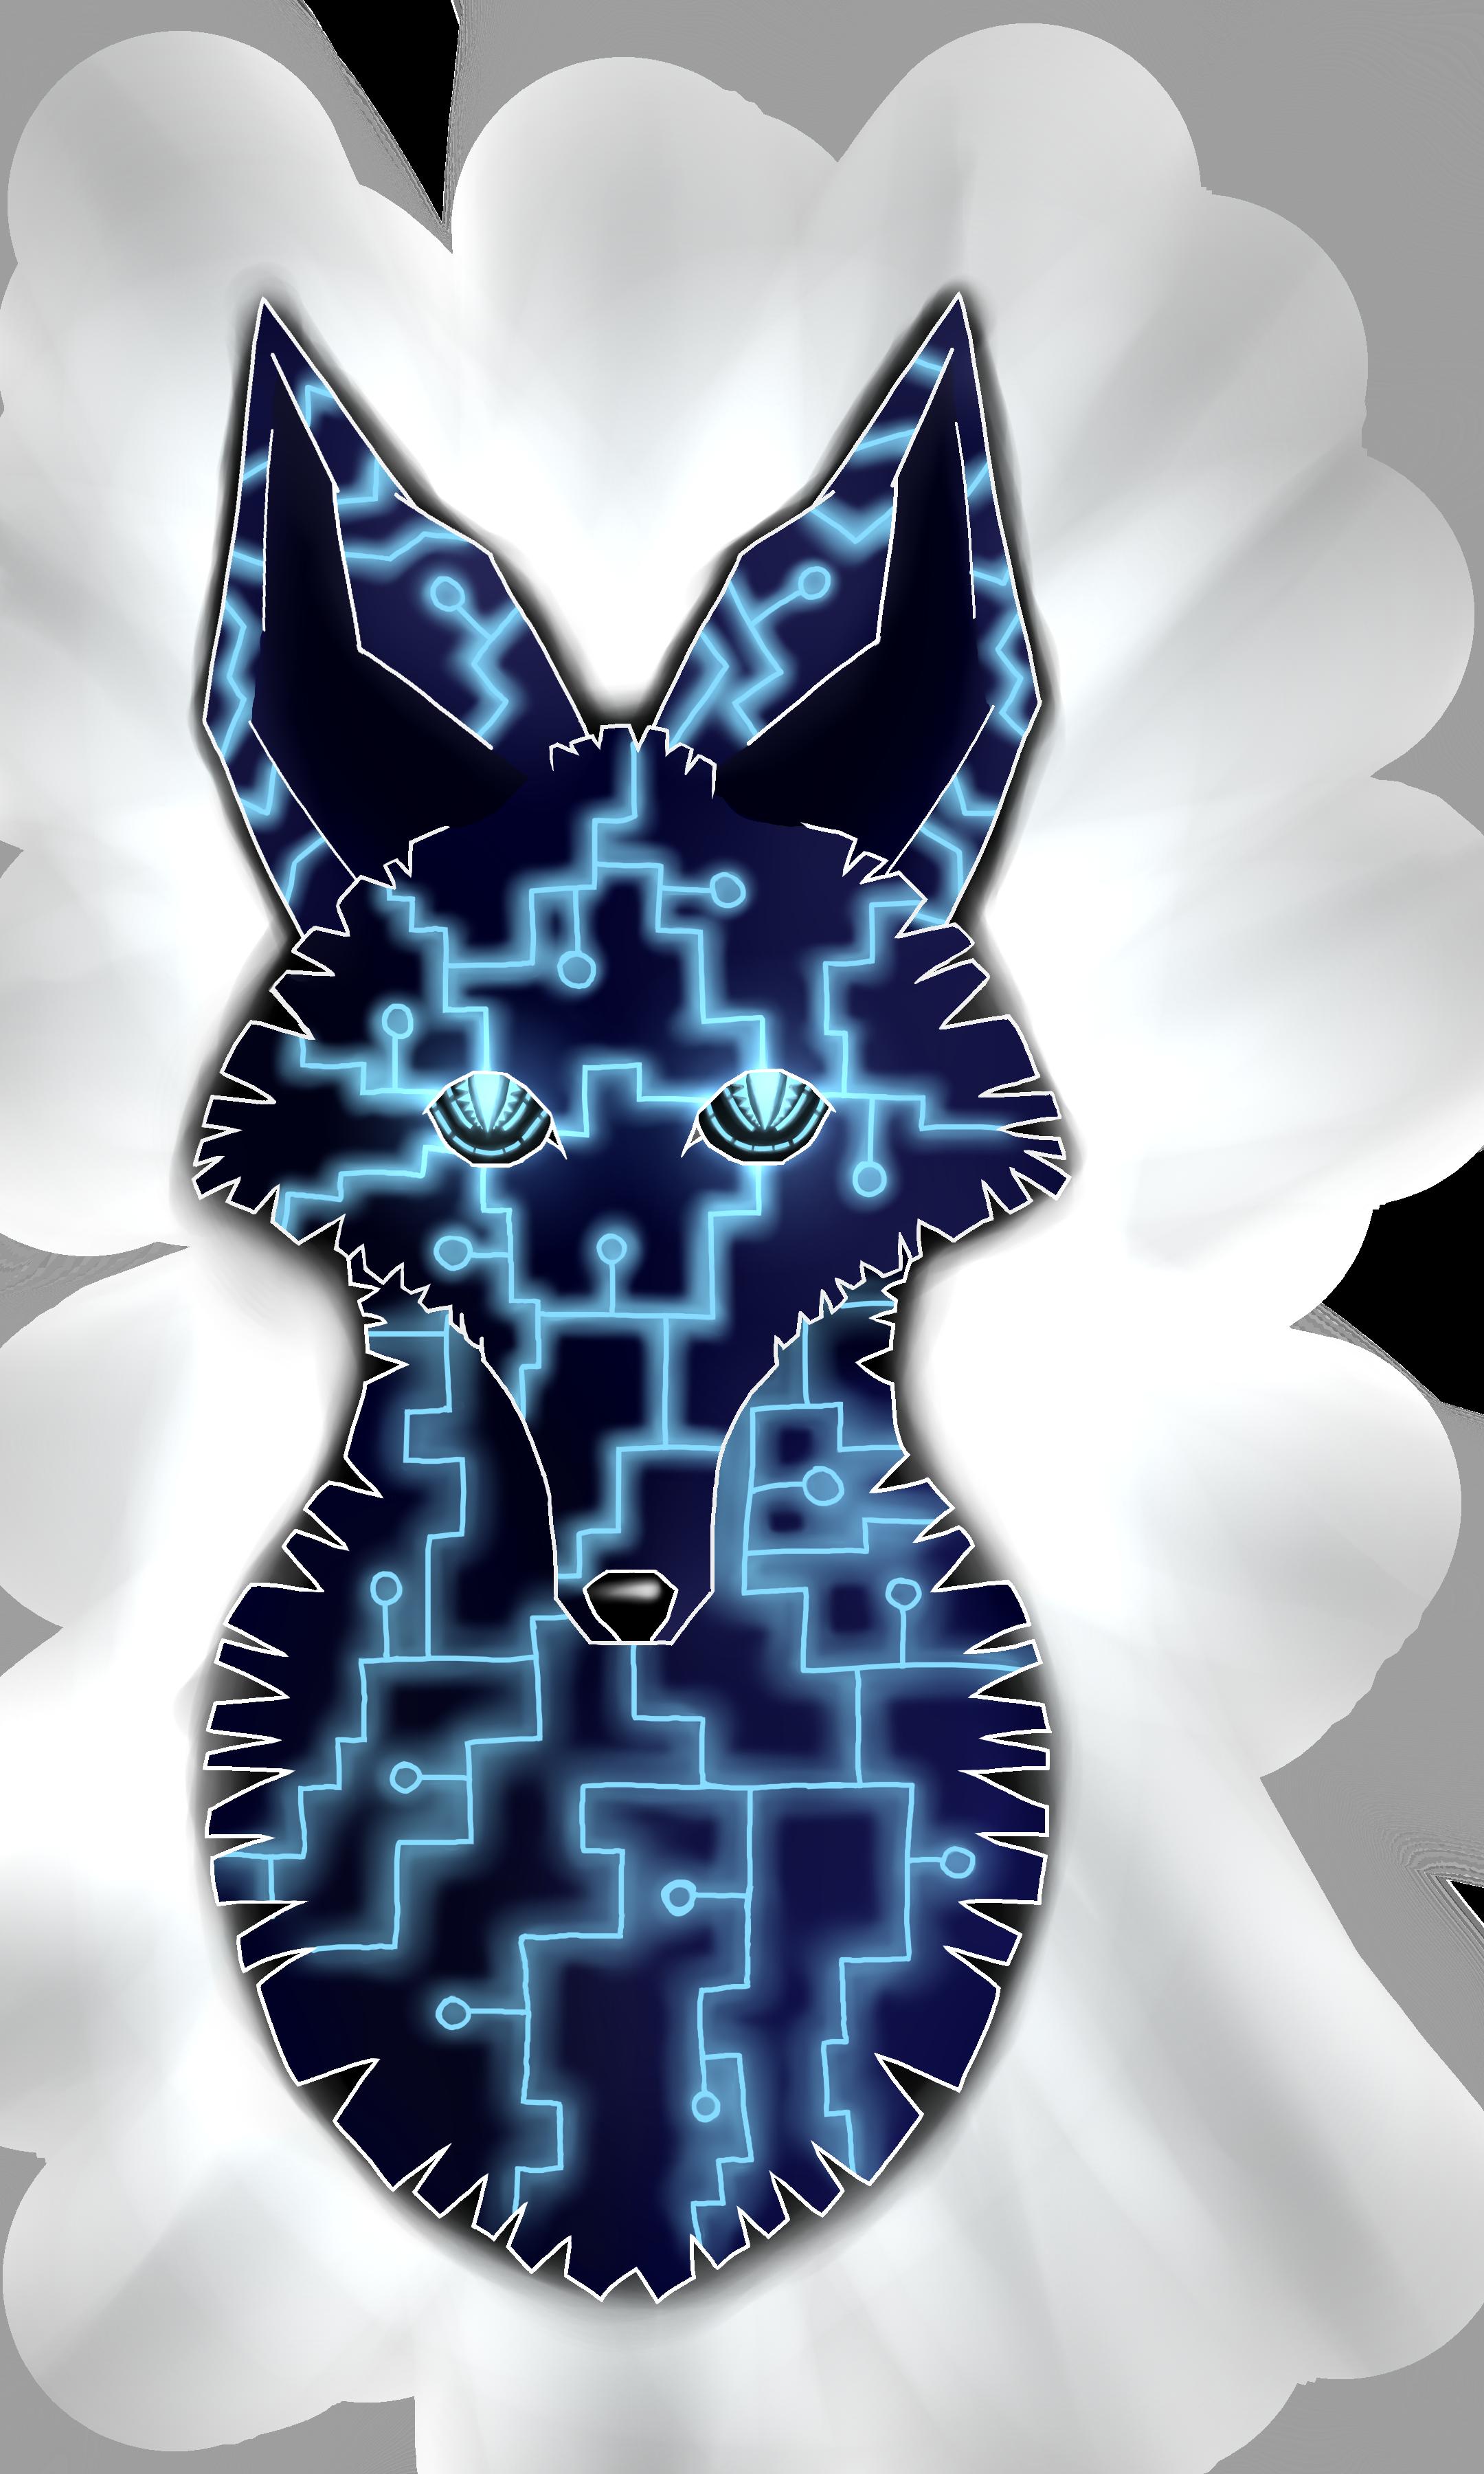 Logo - Transperent Background